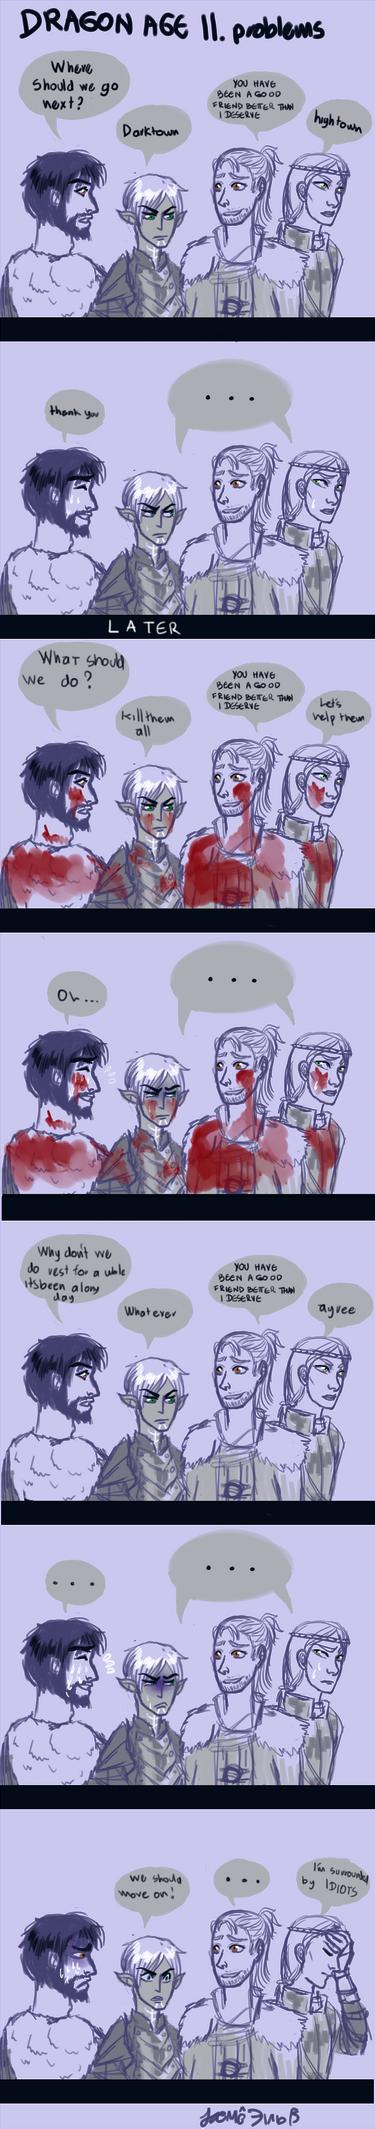 Dragon Age II problems by zero-16